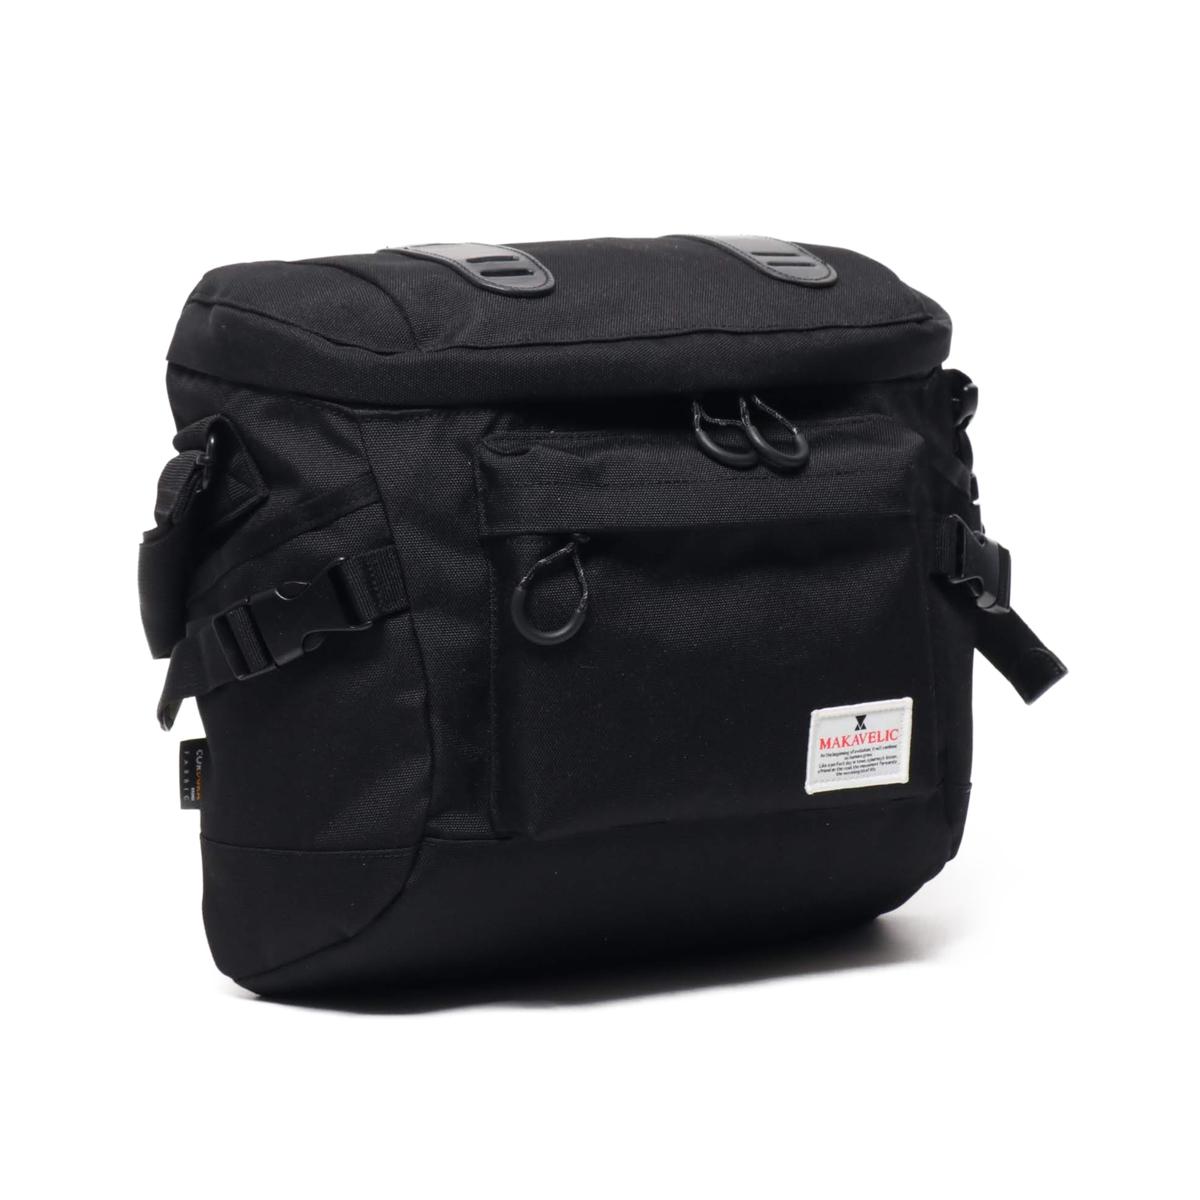 【エントリーで全品10倍】MAKAVELIC TRUCS MOTIVE SHOULDER BAG(マキャベリック トラックス モーティブ ショルダー バッグ)BLACK【メンズ ショルダーバッグ】20SP-I